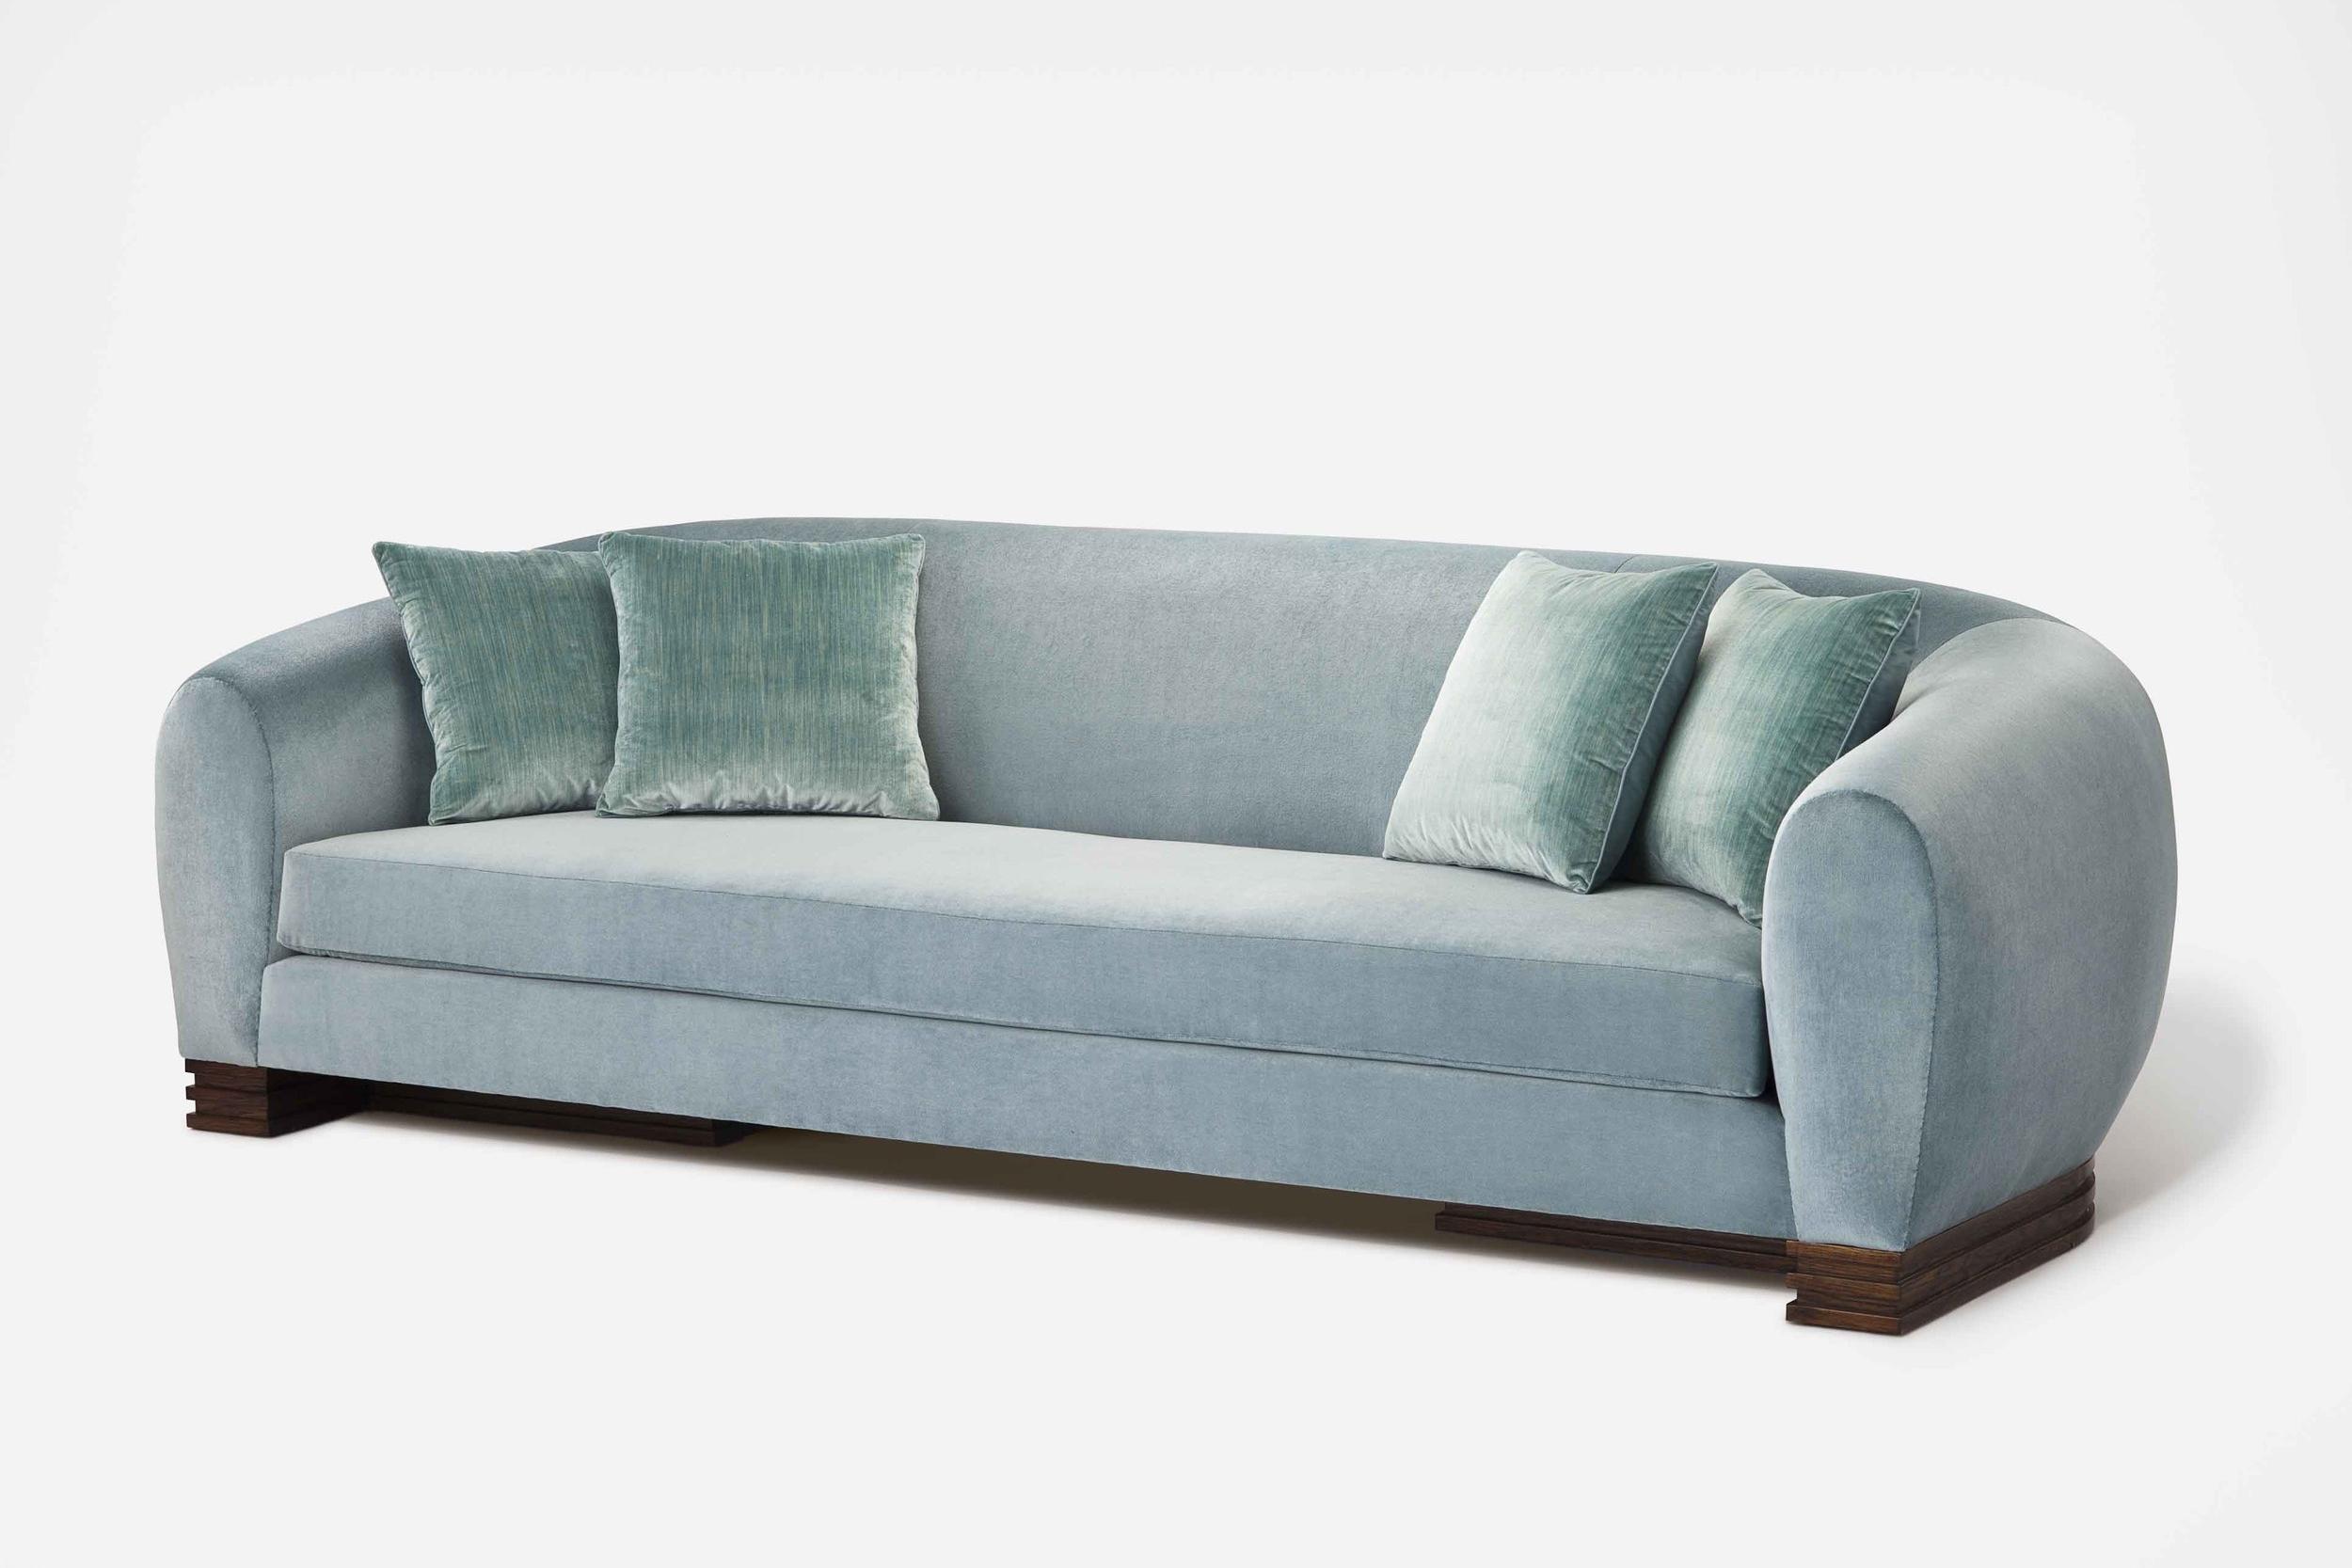 Sofa- St Moritz.jpg